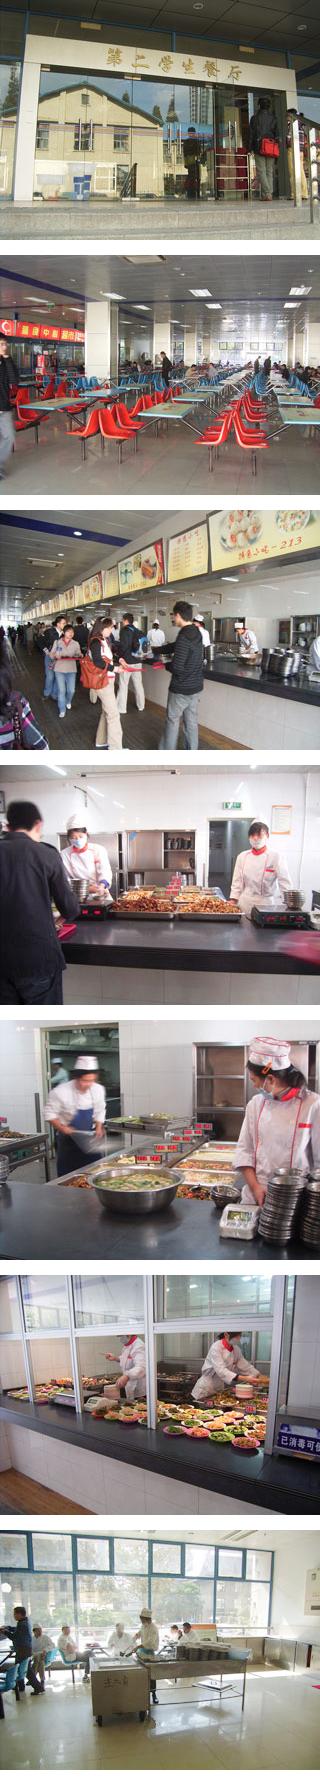 南京食堂007.jpg